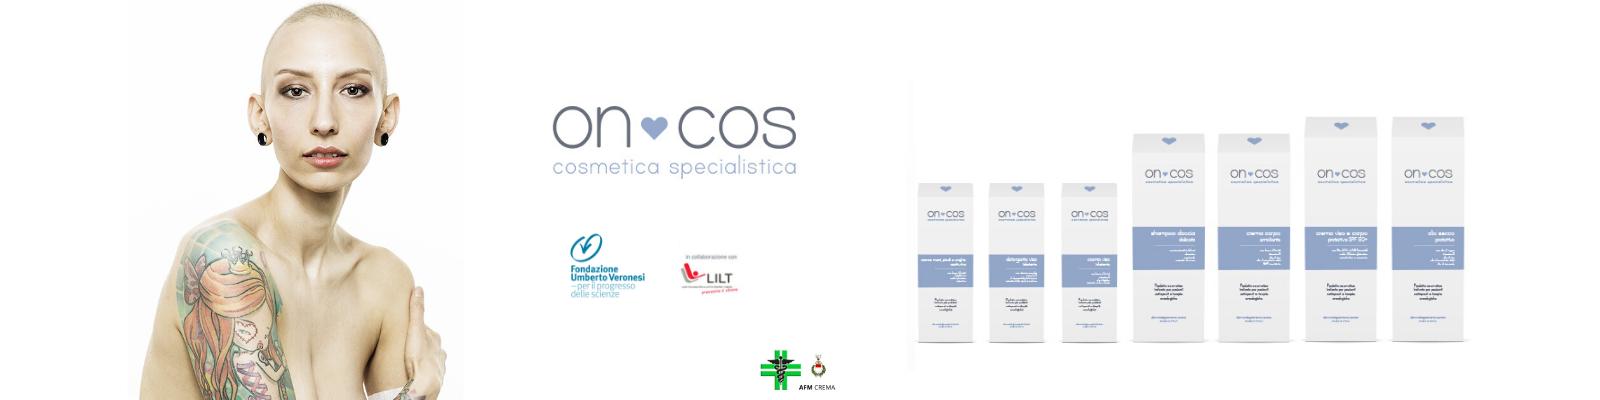 H_oncos